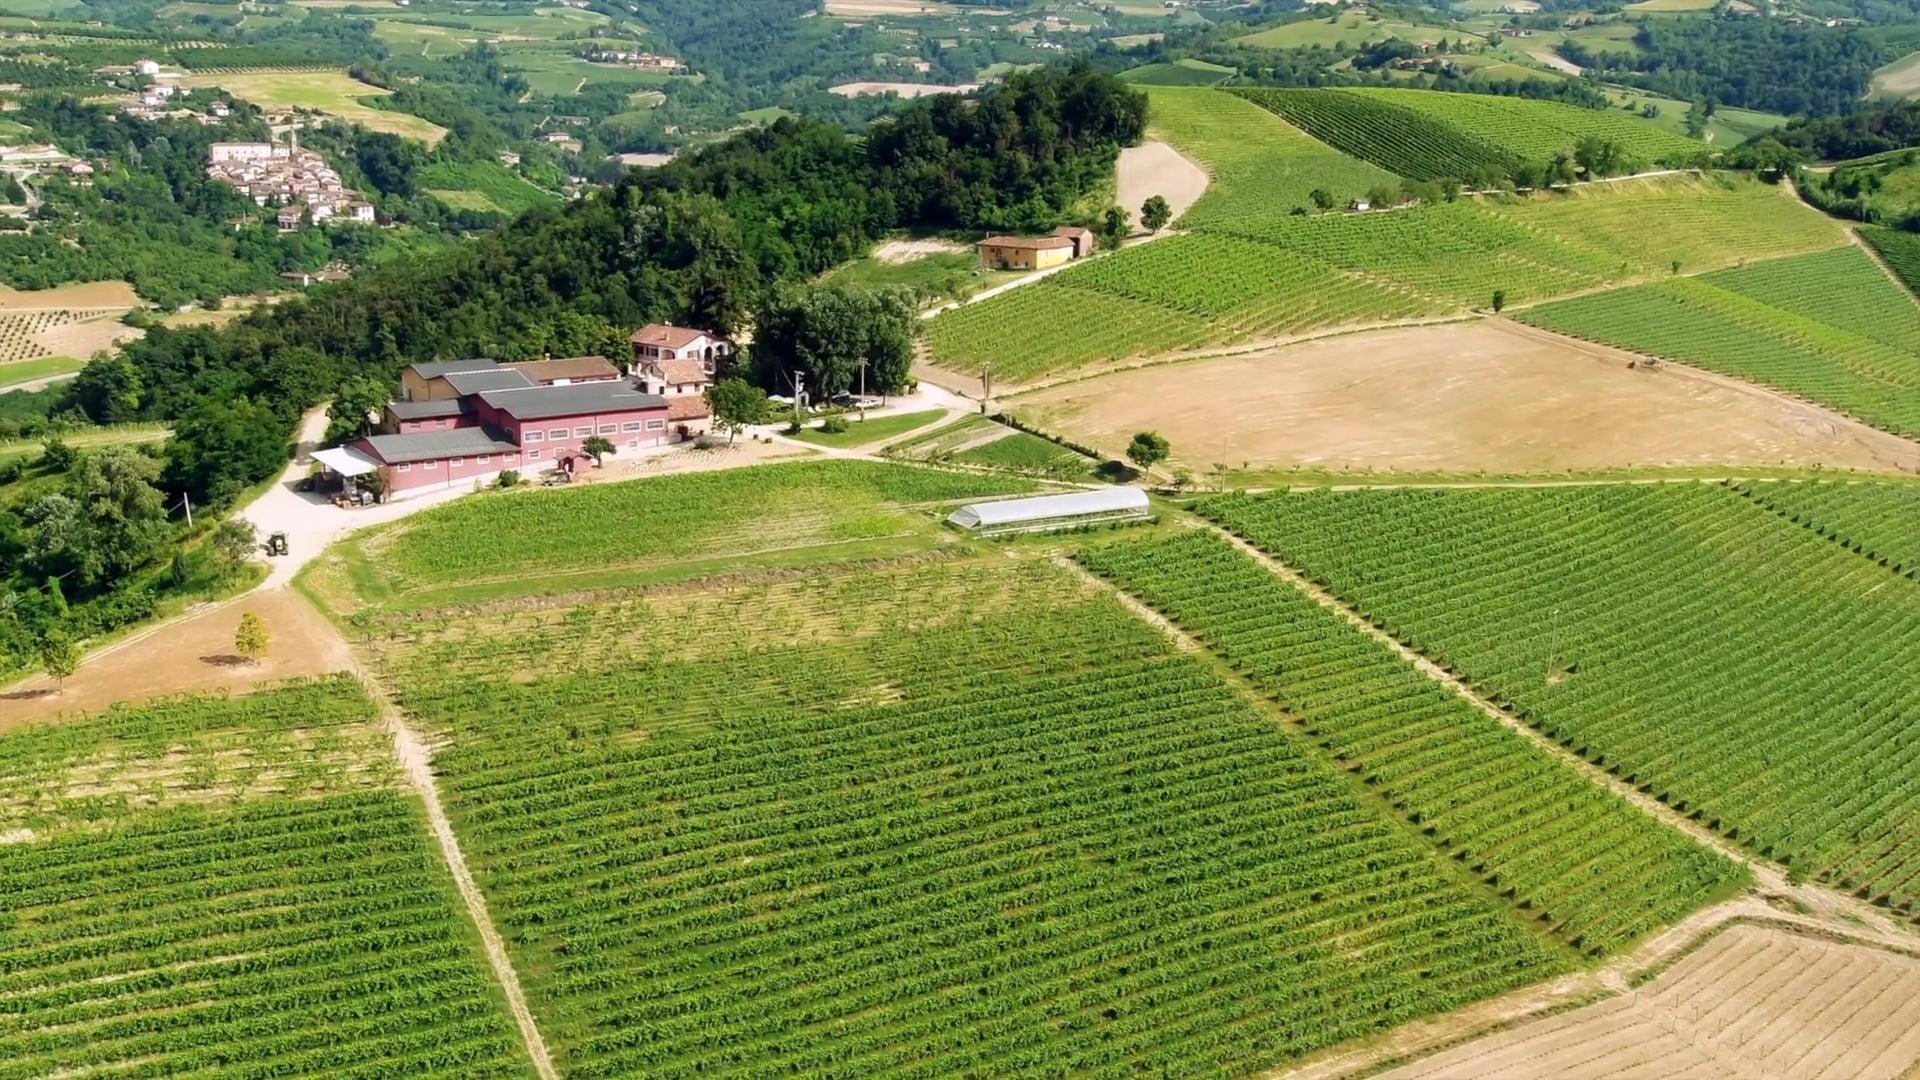 Rivetto | Il vigneto tra Sinio | The vineyard between Sinio